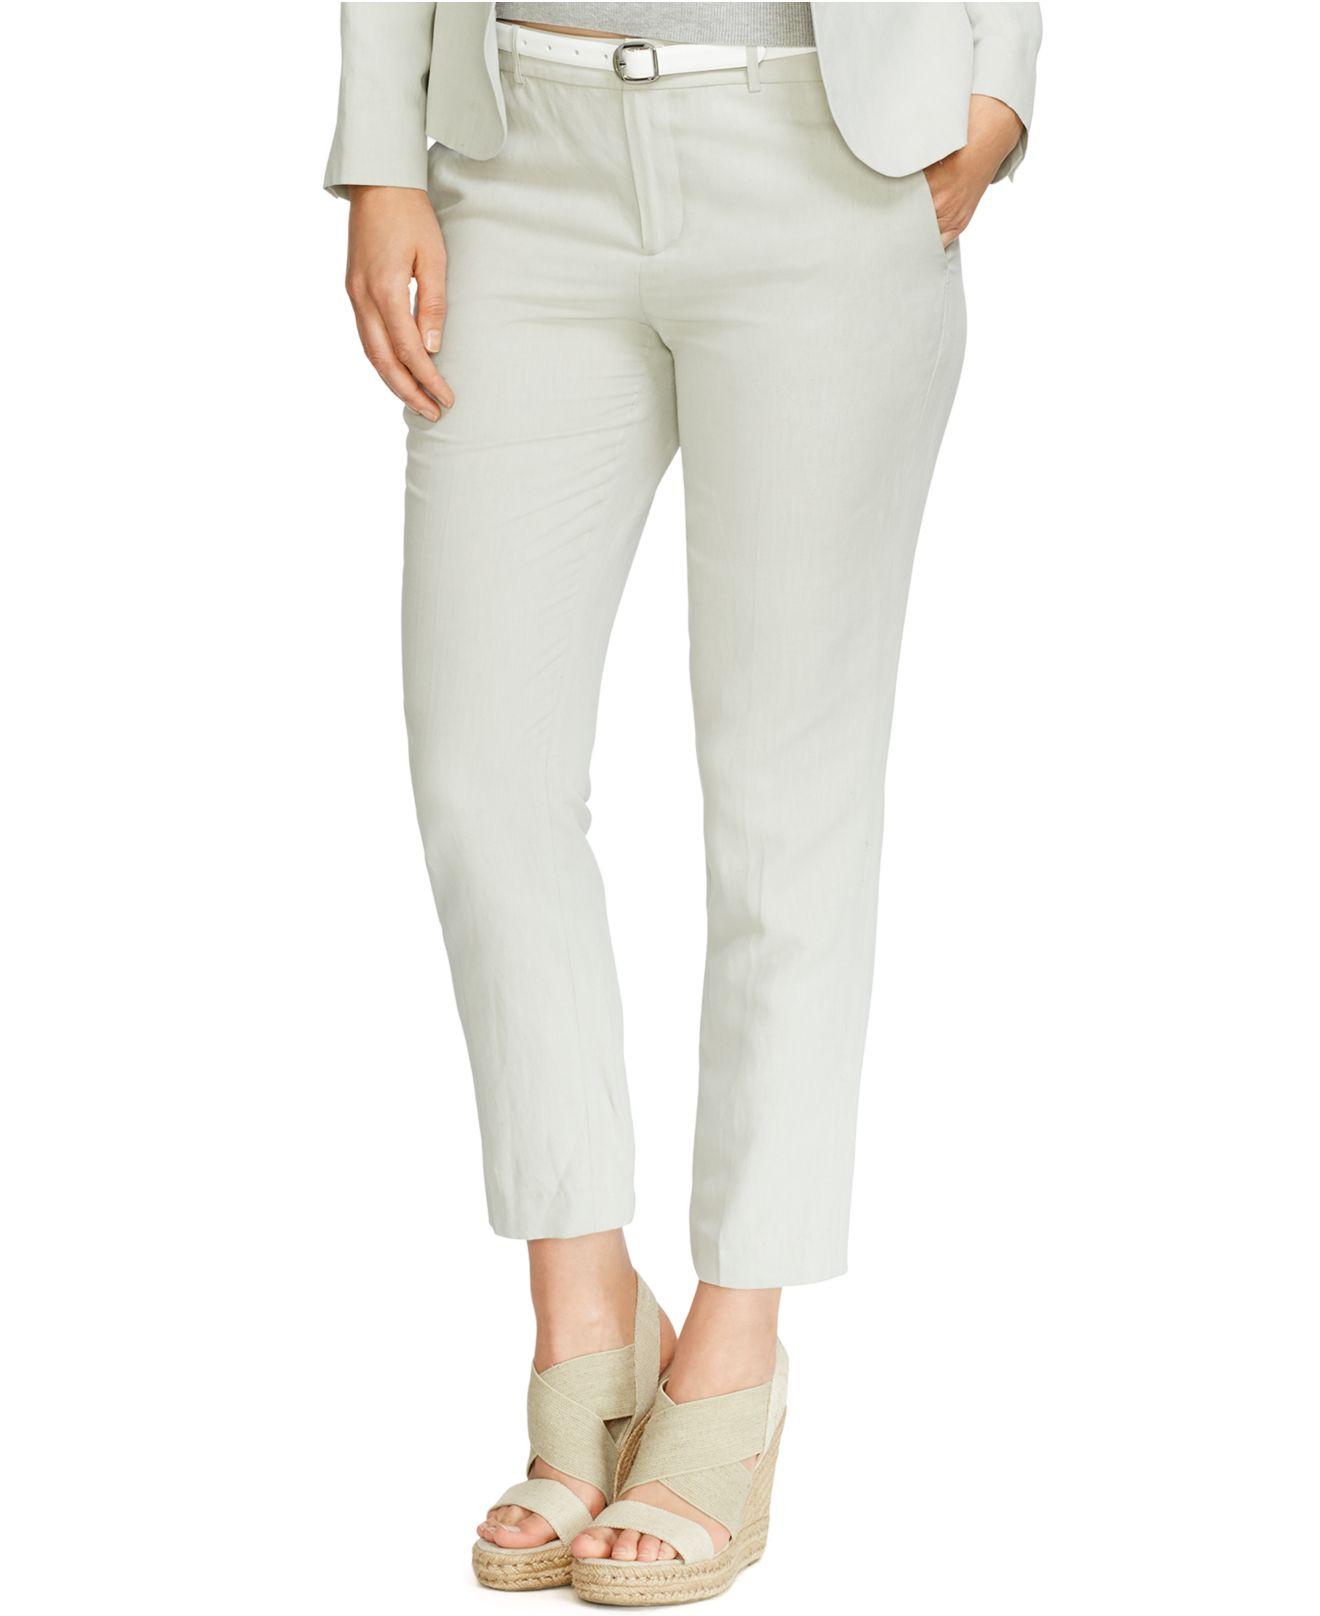 823d3e1ae86ed Lyst - Lauren by Ralph Lauren Plus Size Silk-Linen Skinny Pants in Gray